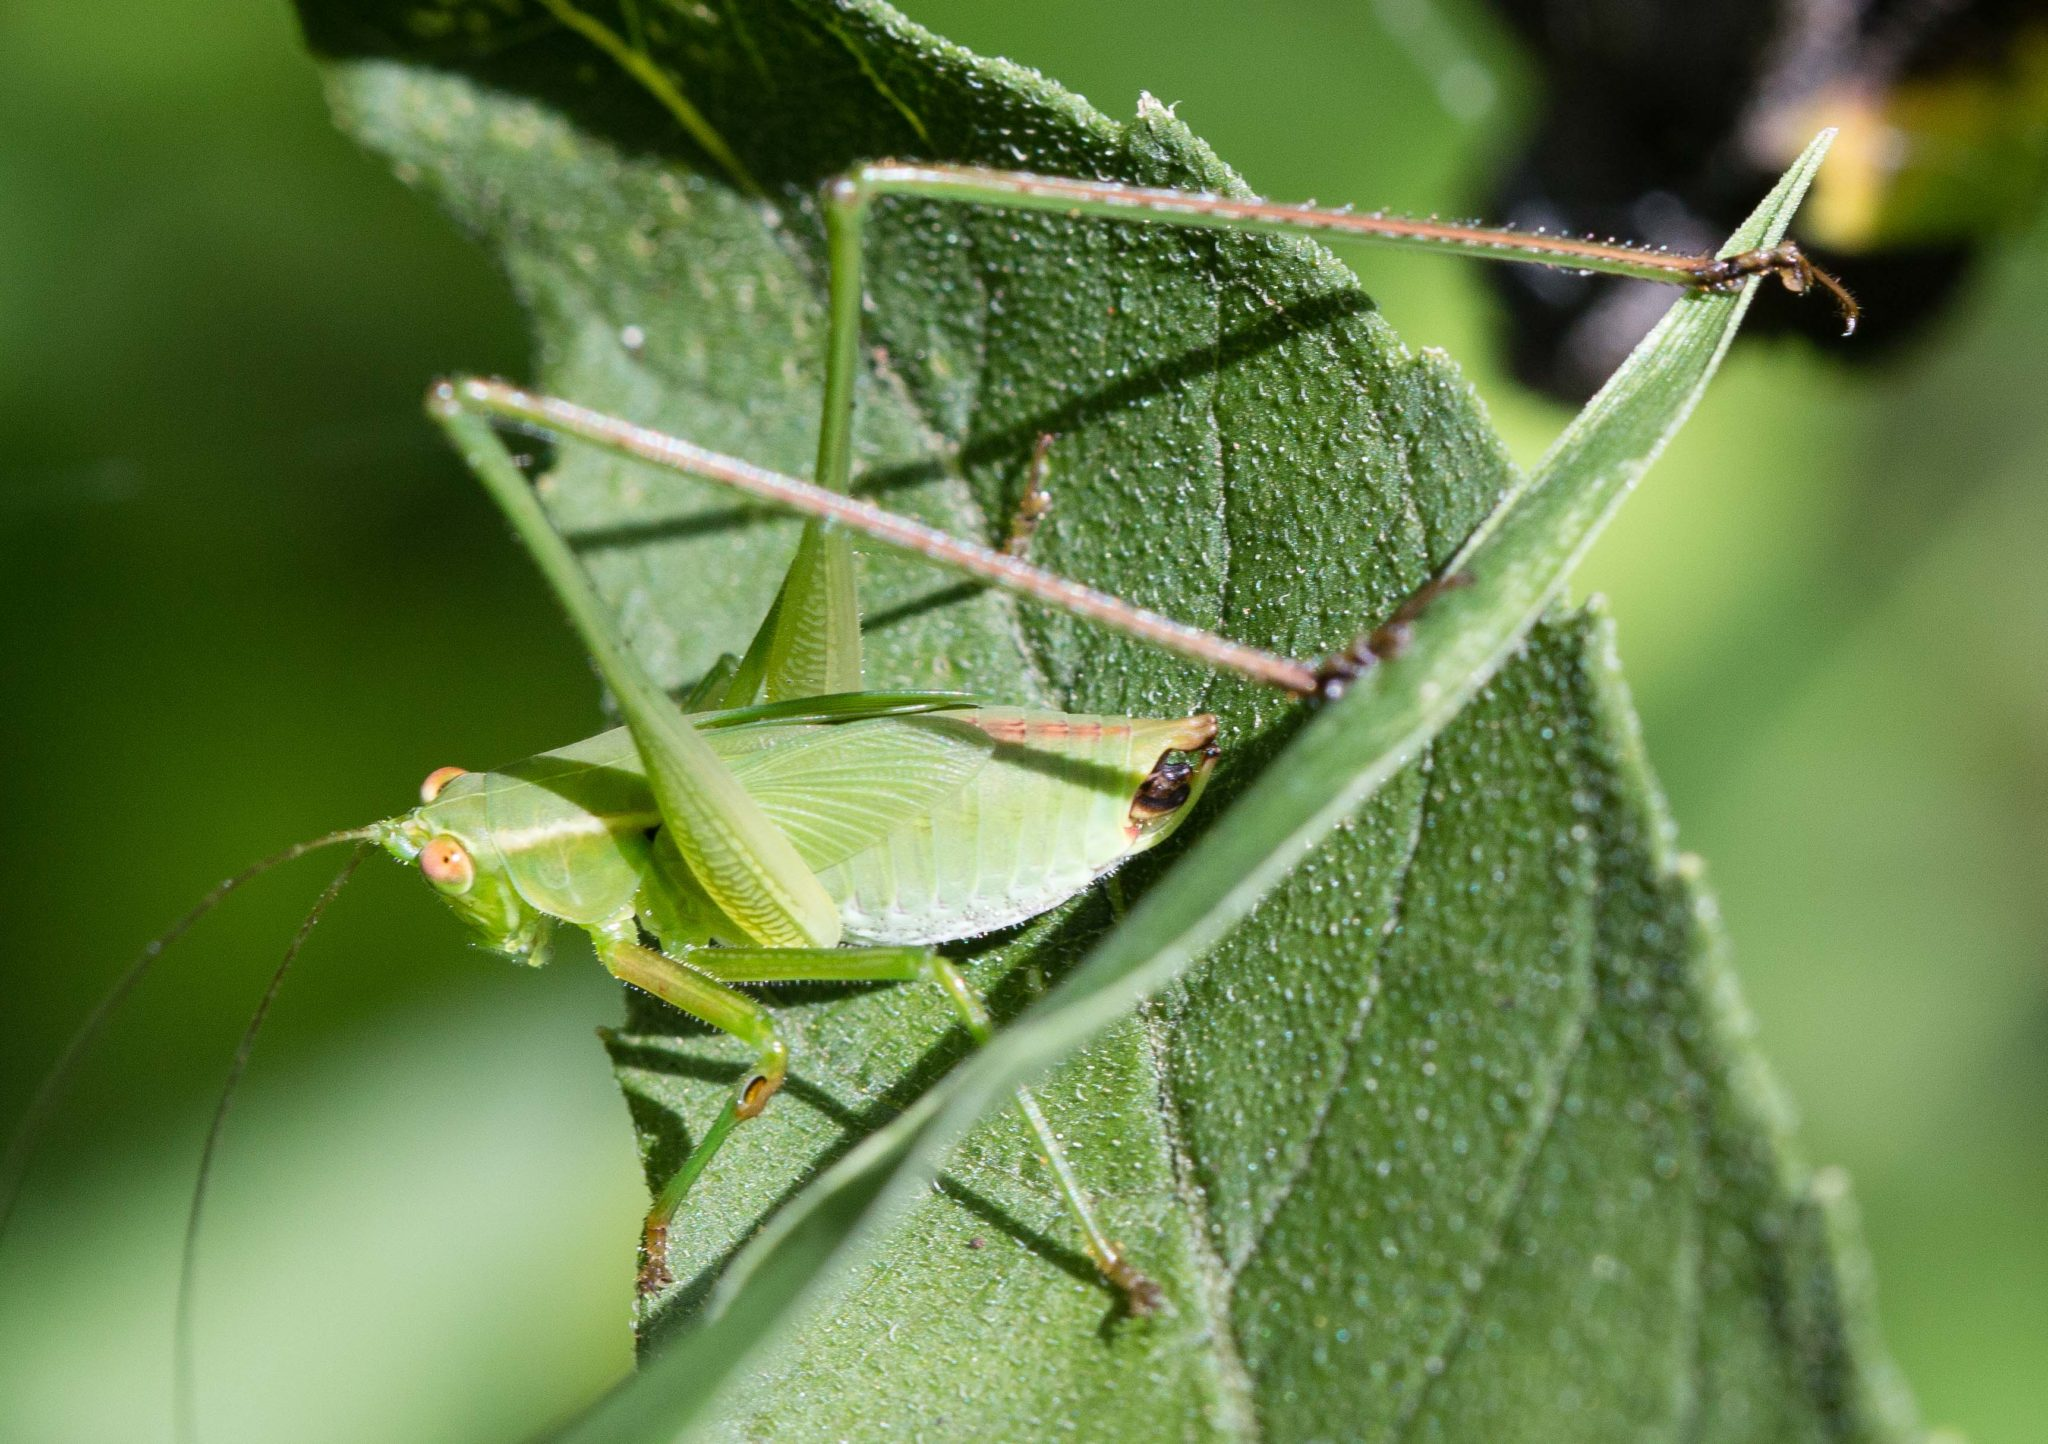 conehead-katydid-nymph